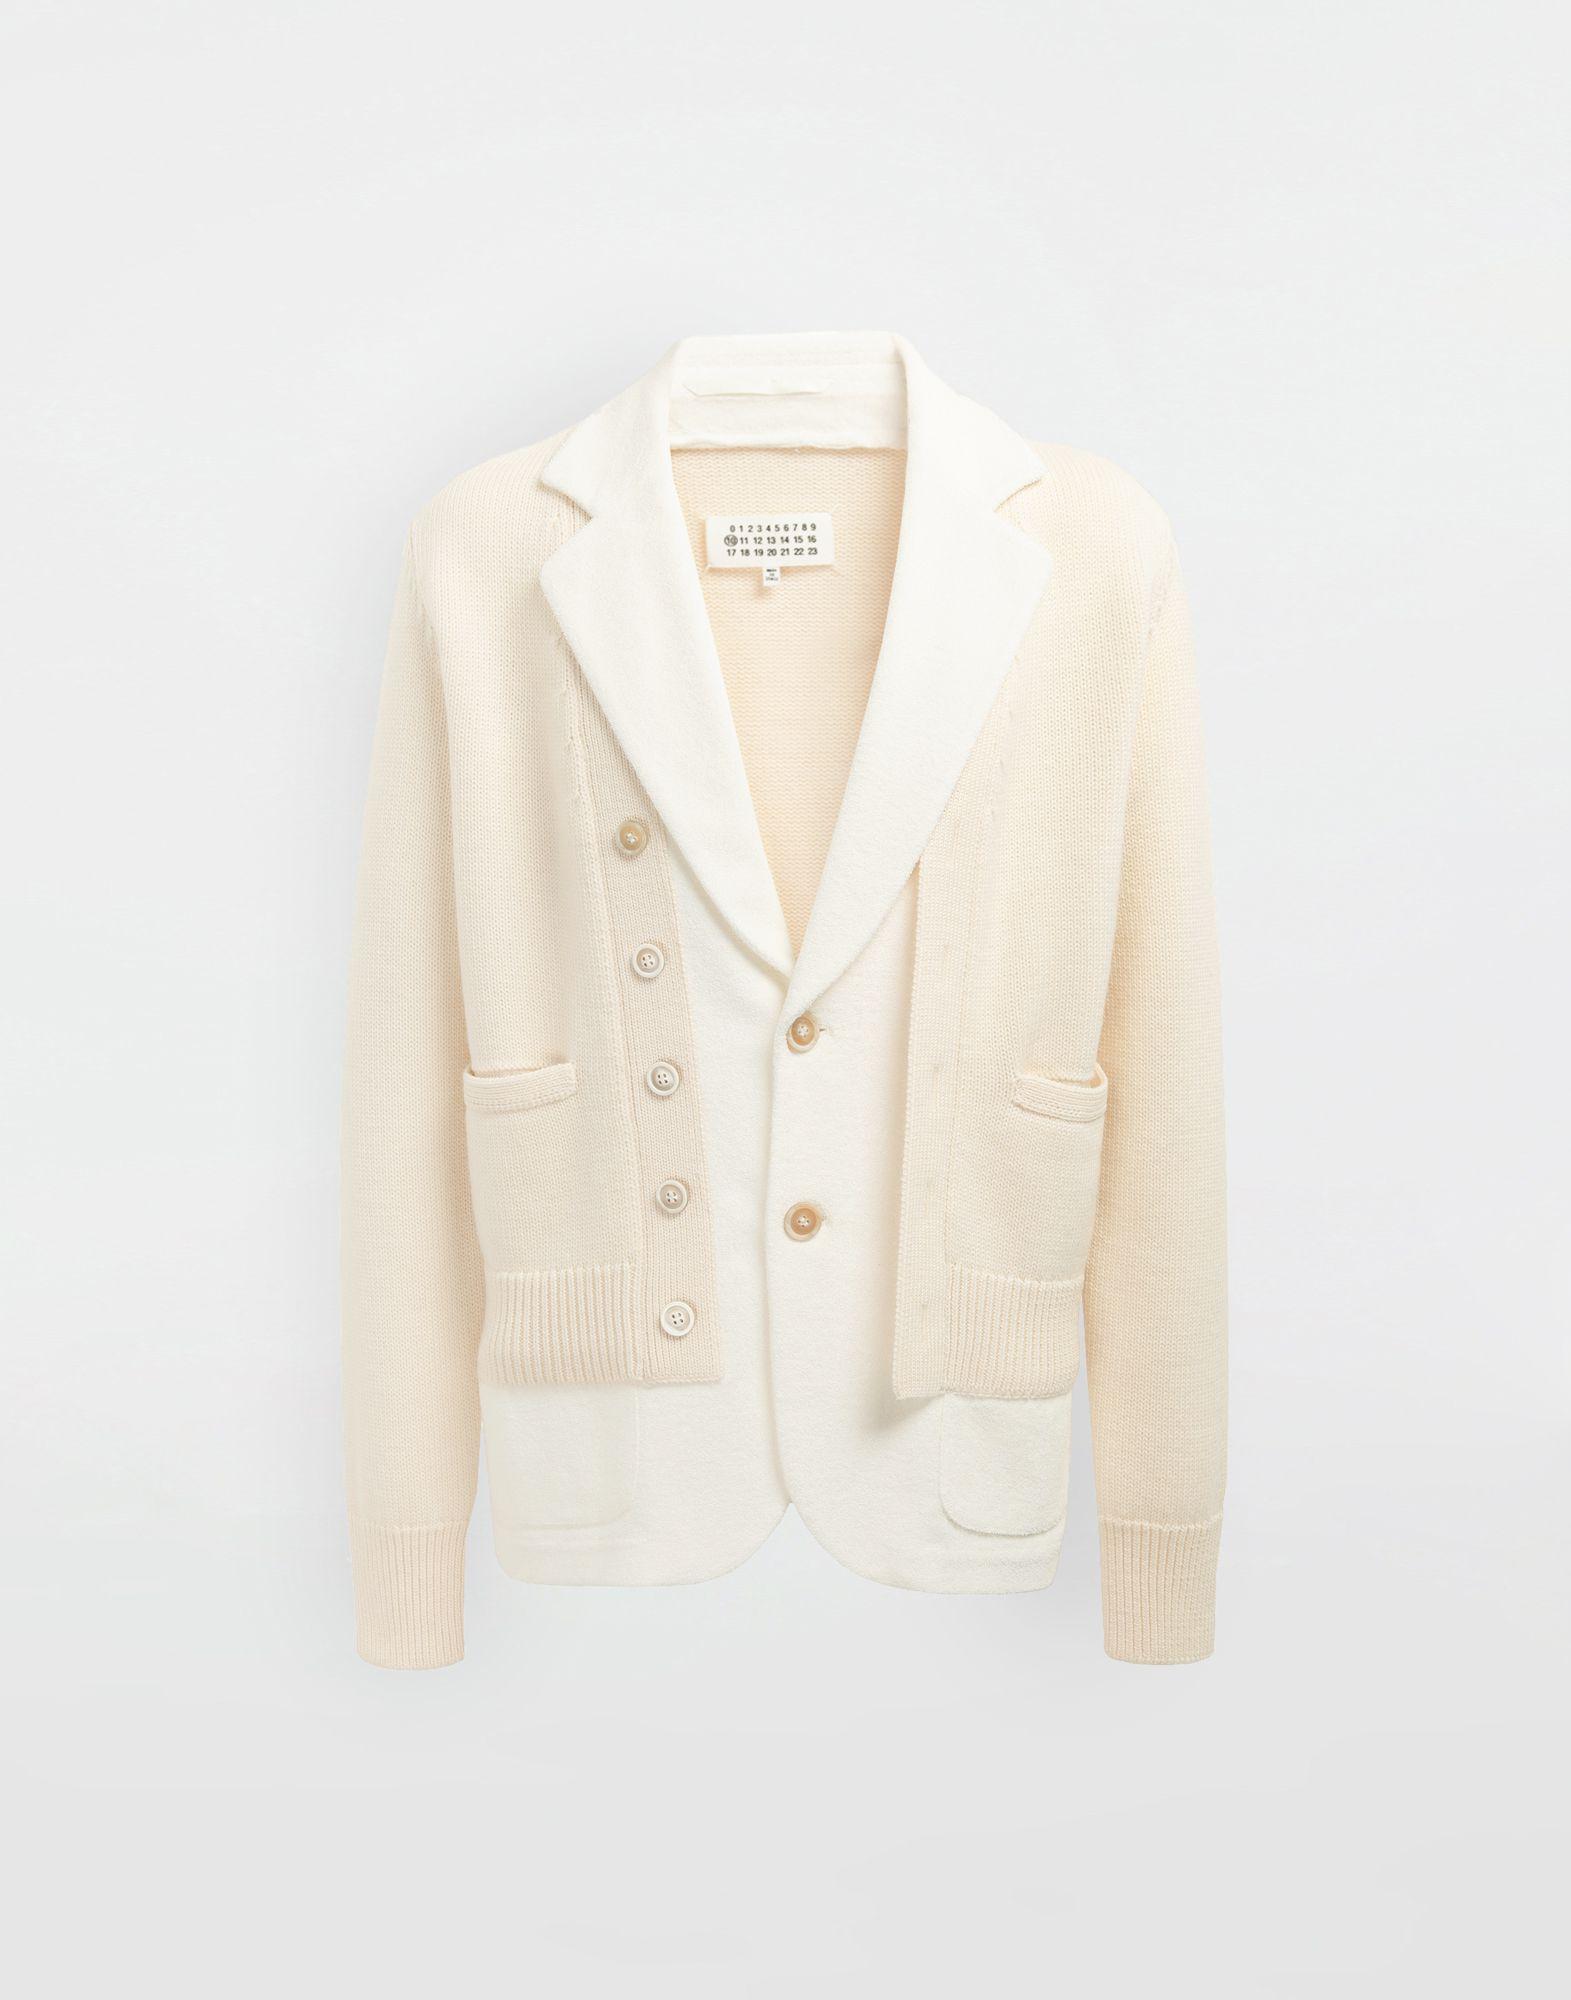 MAISON MARGIELA Spliced knit cardigan jacket Blazer Man f